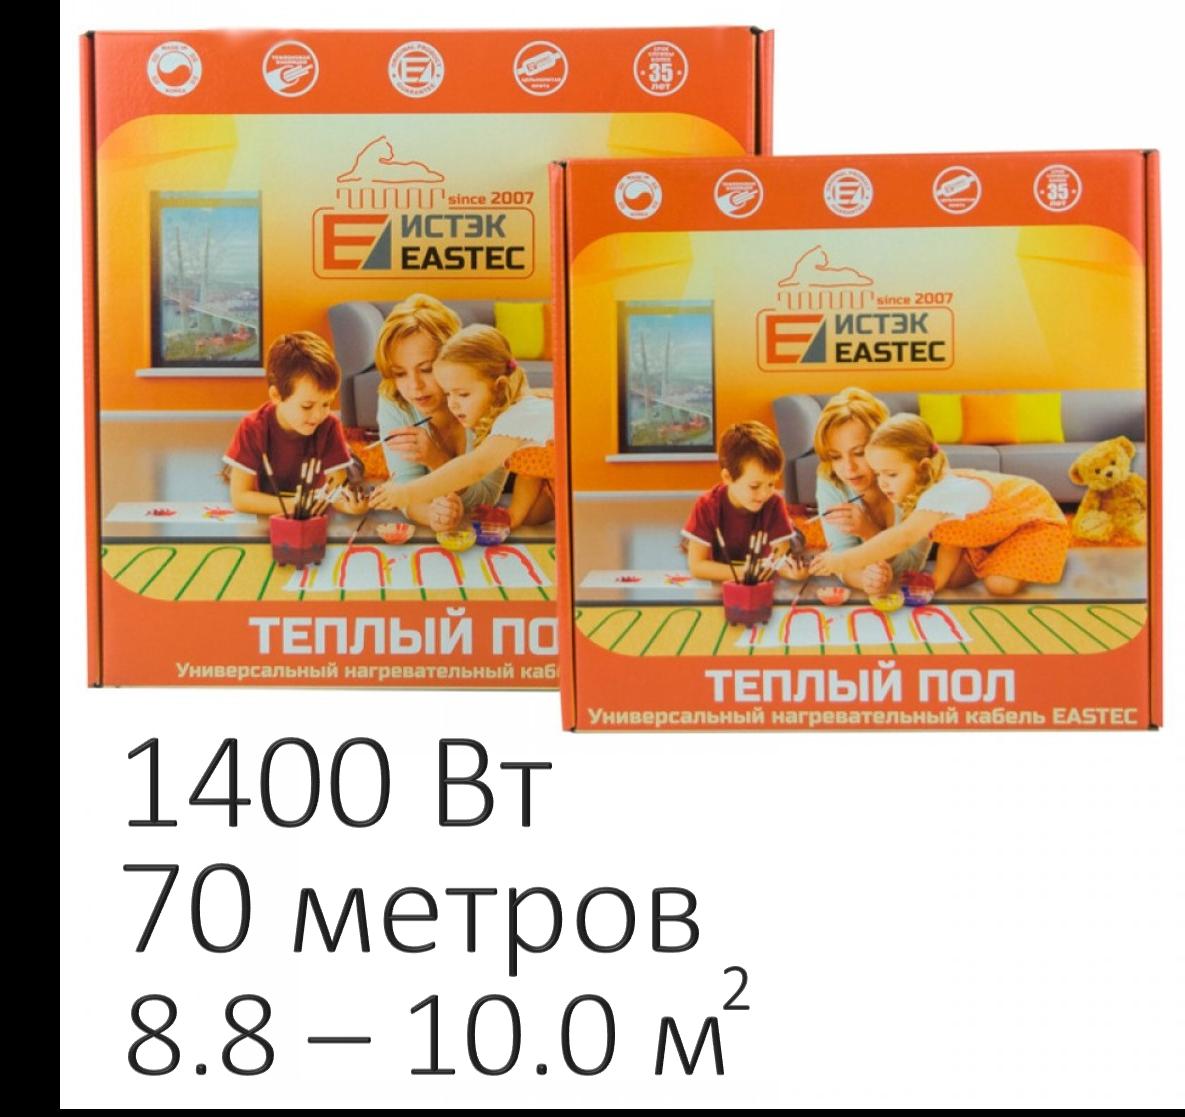 Нагревательный кабель - Eastec ECC-1400 (1400 Вт, 70 м)